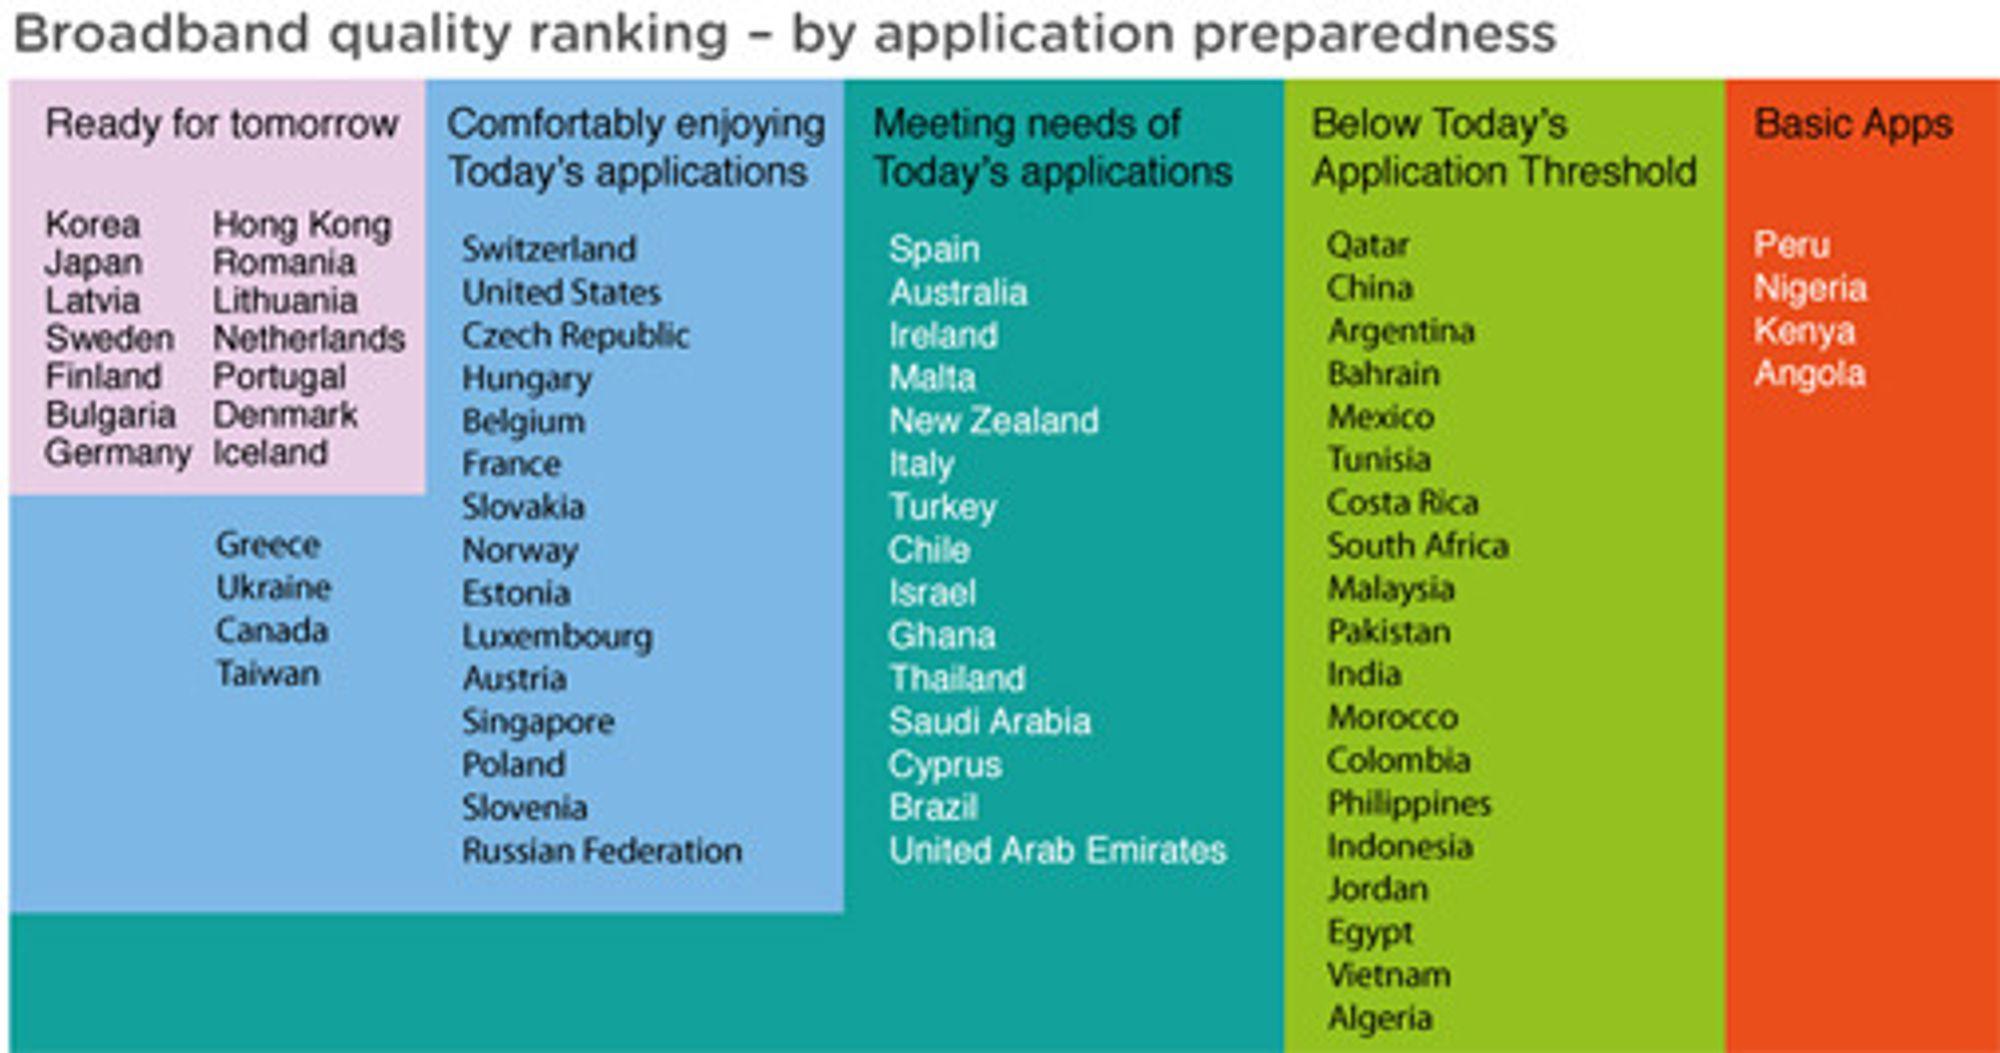 14 land har en infrastruktur som er beredt på morgendagens tjenester. Norge er ikke blant dem.